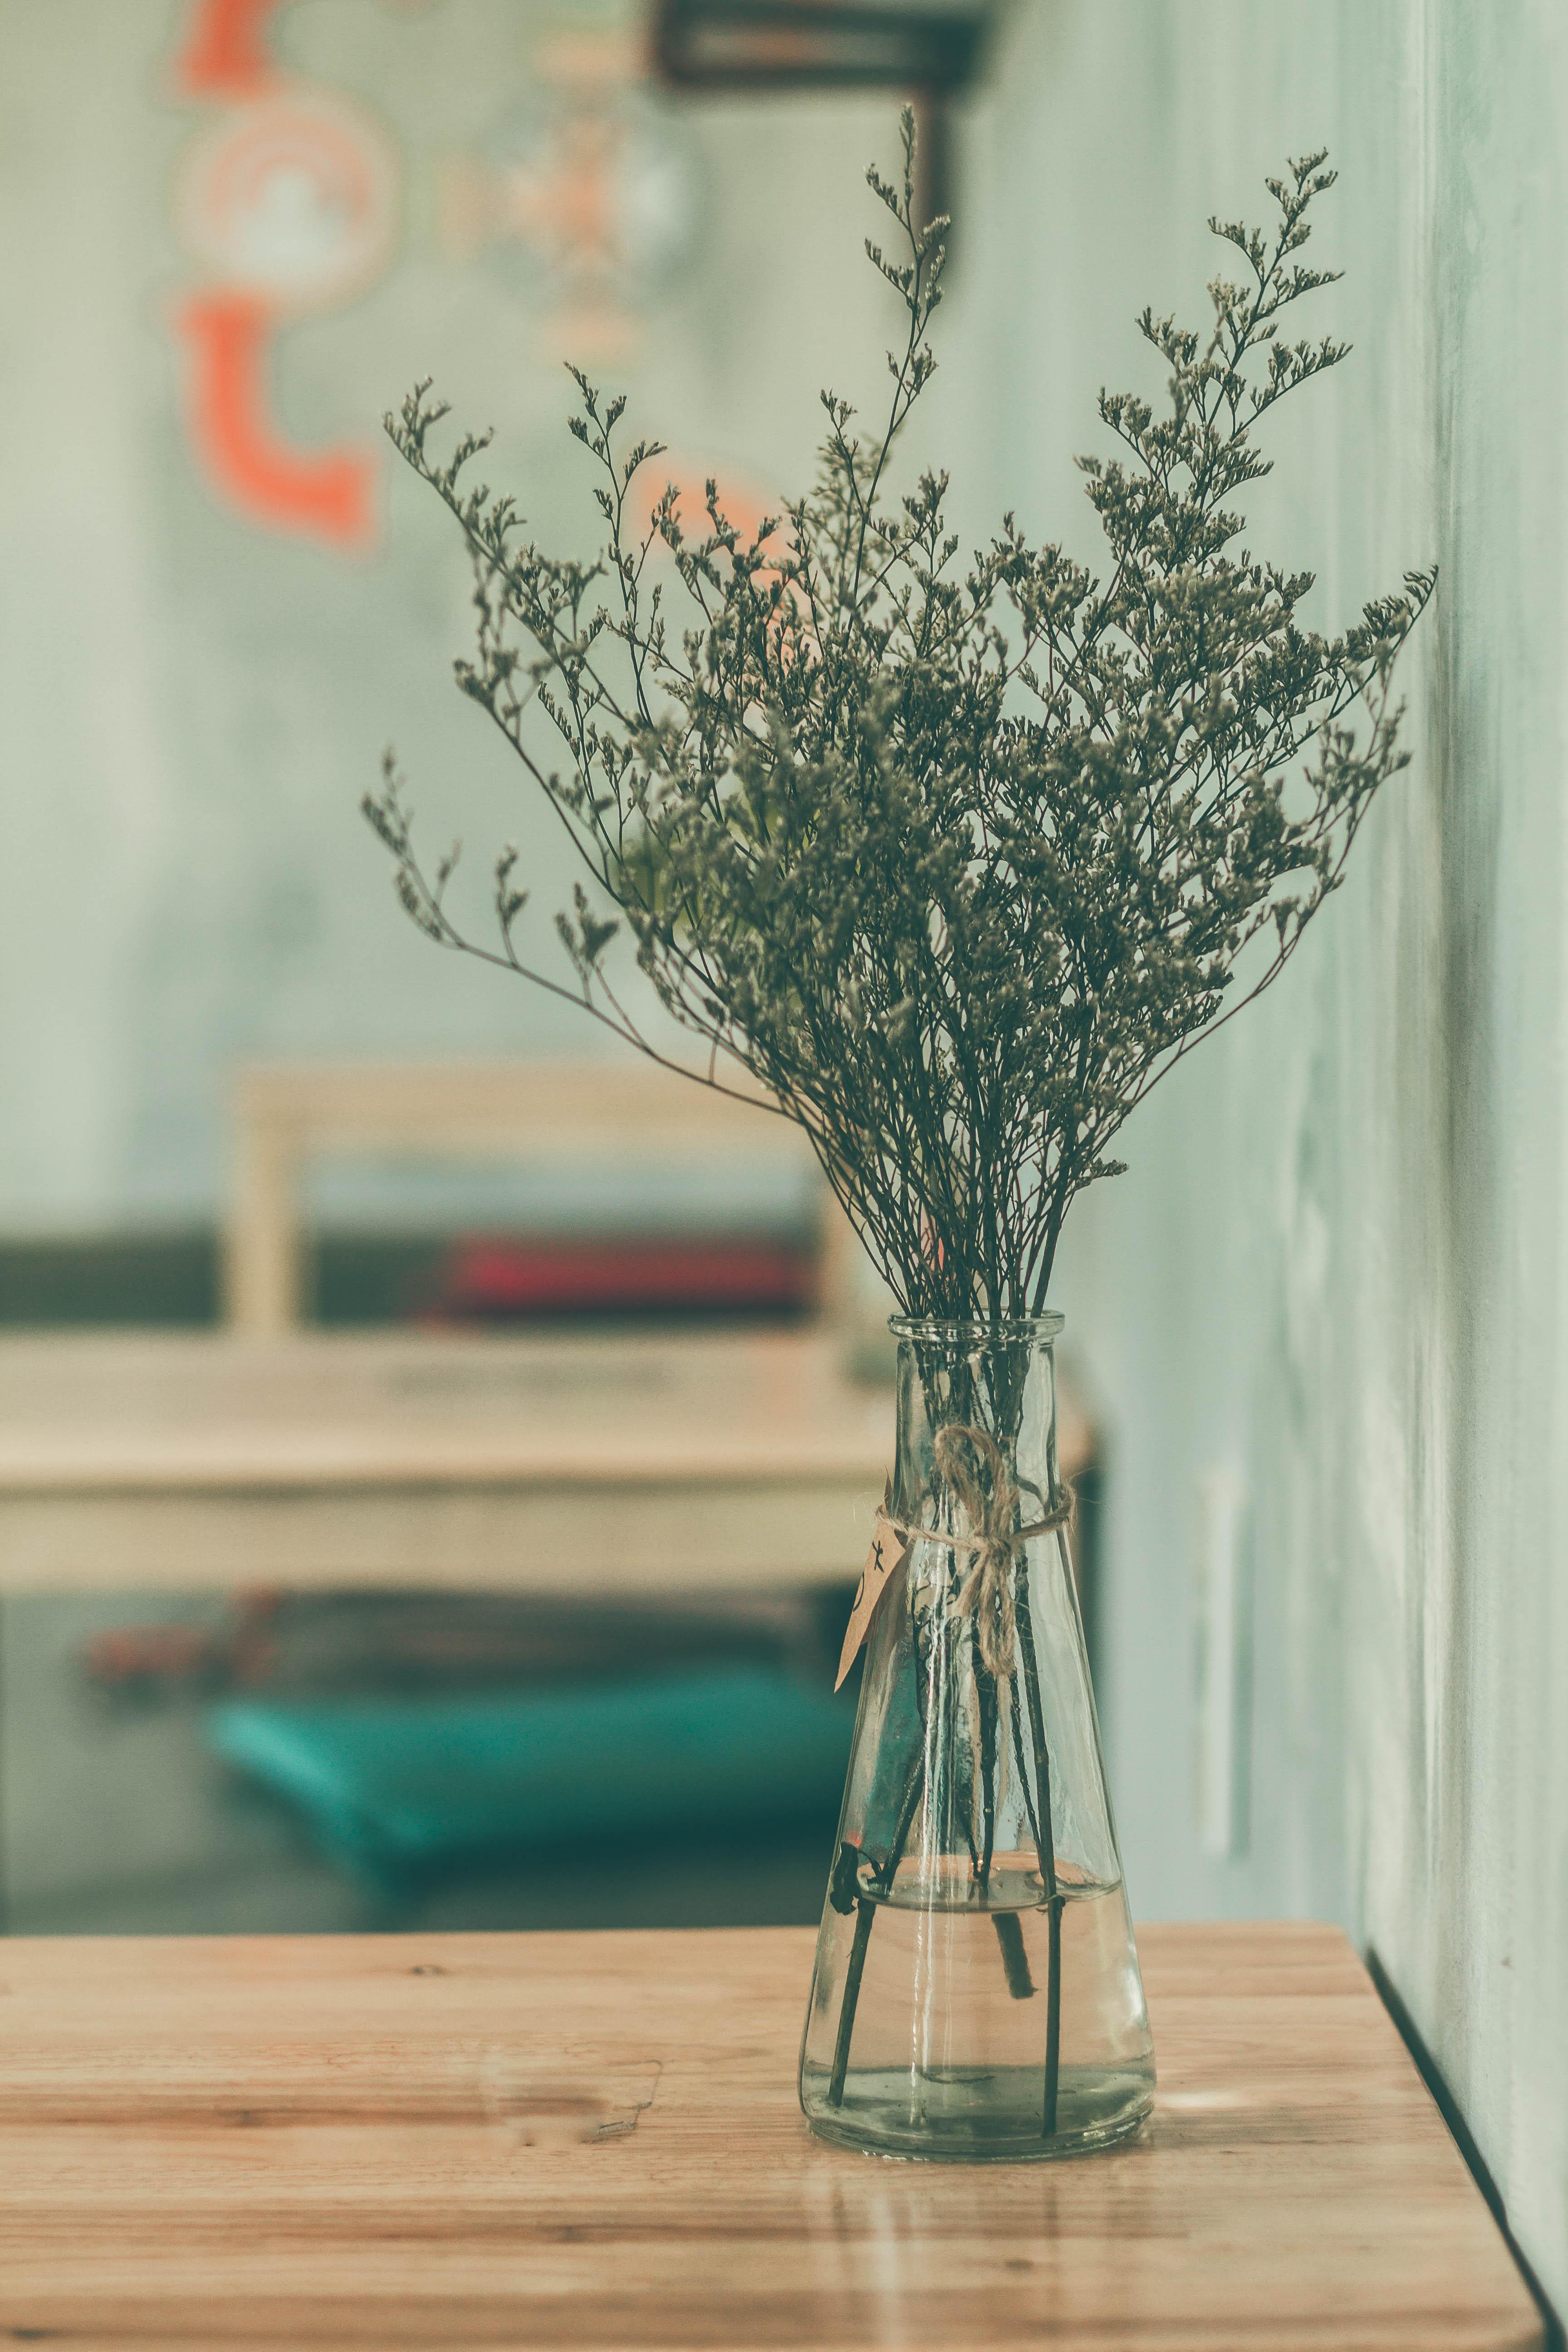 무료 이미지 나무 분기 흐림 식물 복고풍의 잎 꽃 유리 병 장식 봄 녹색 색깔